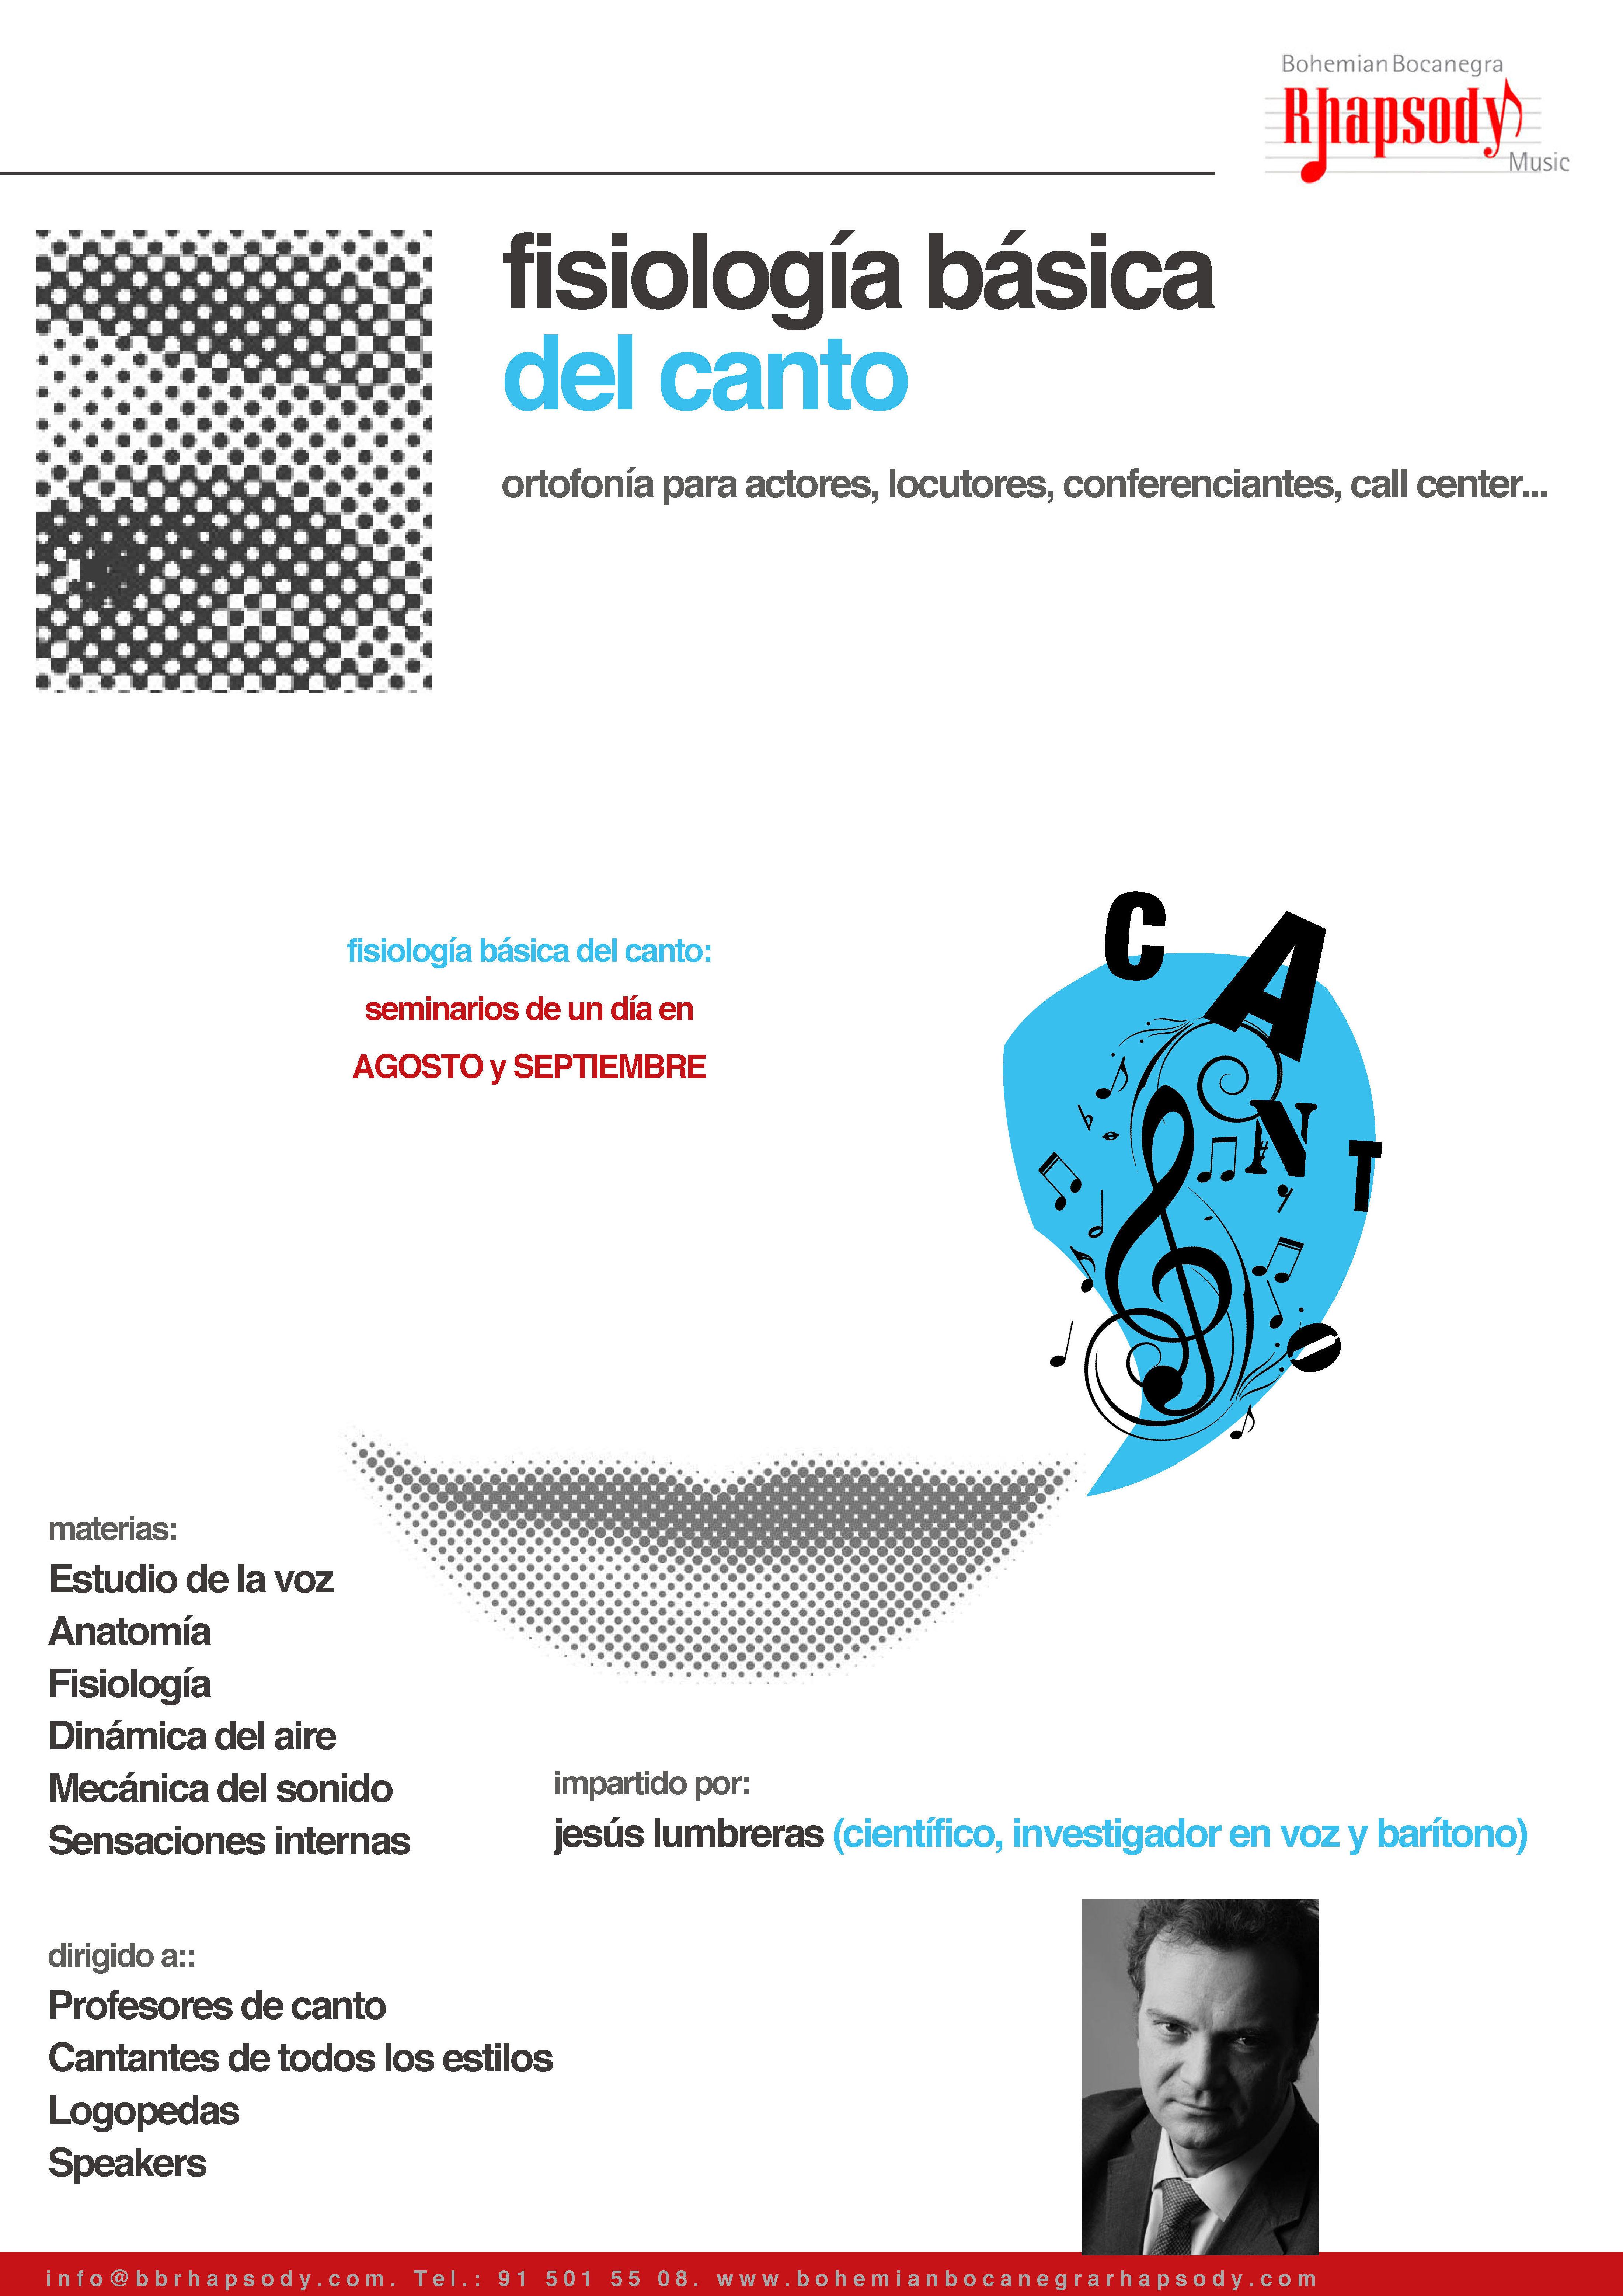 fisiología_básica_del_canto